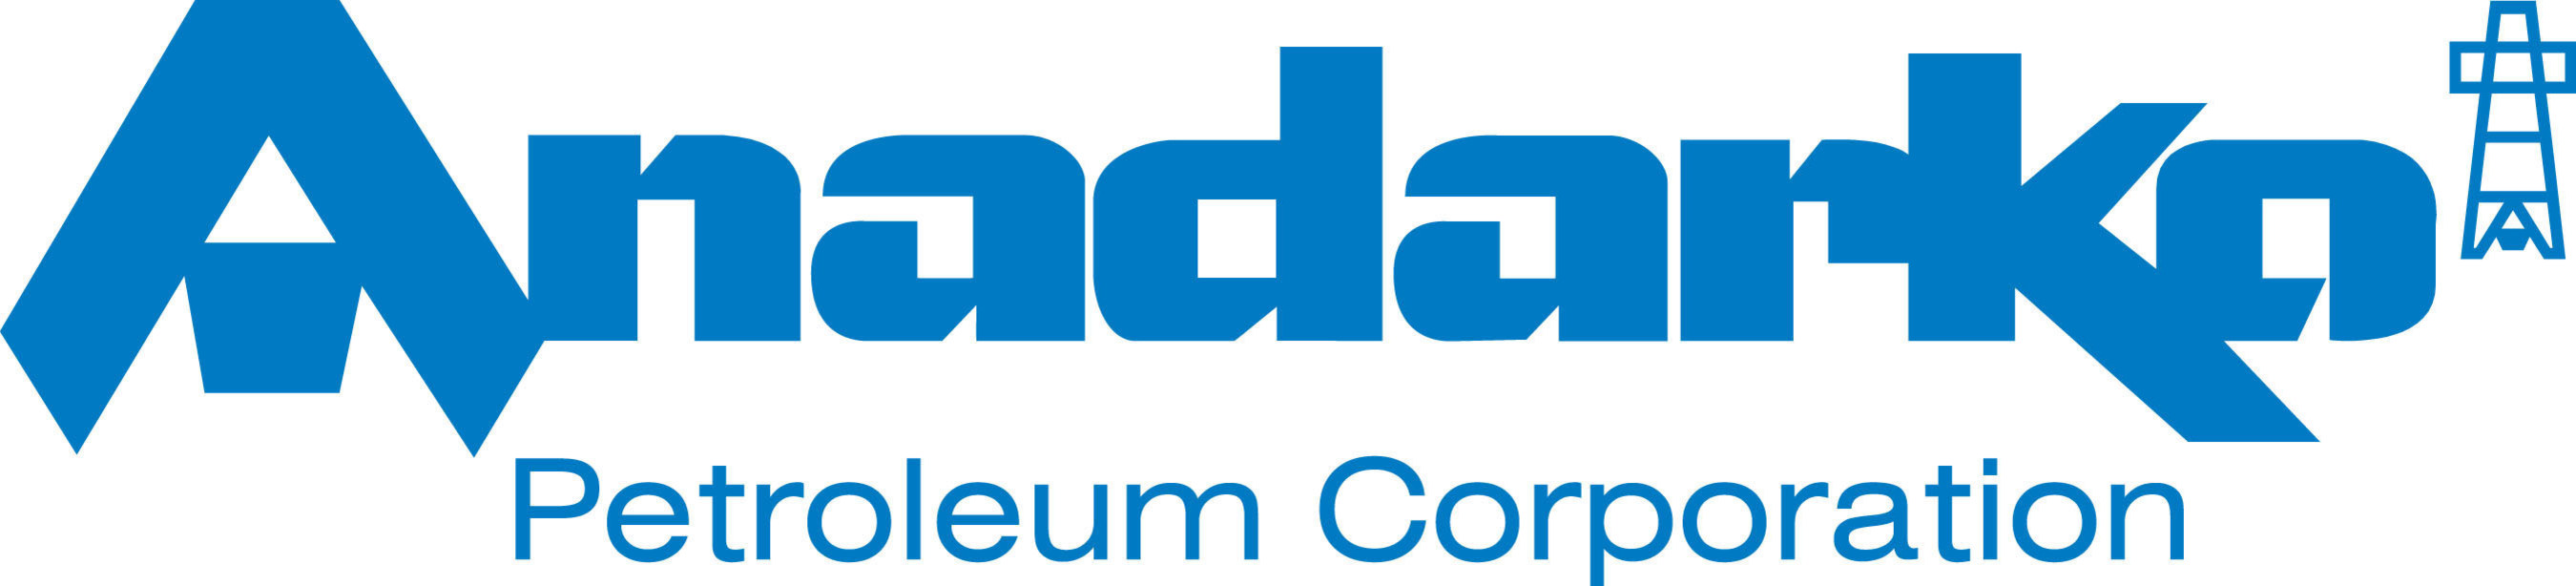 Anadarko Petroleum Logo